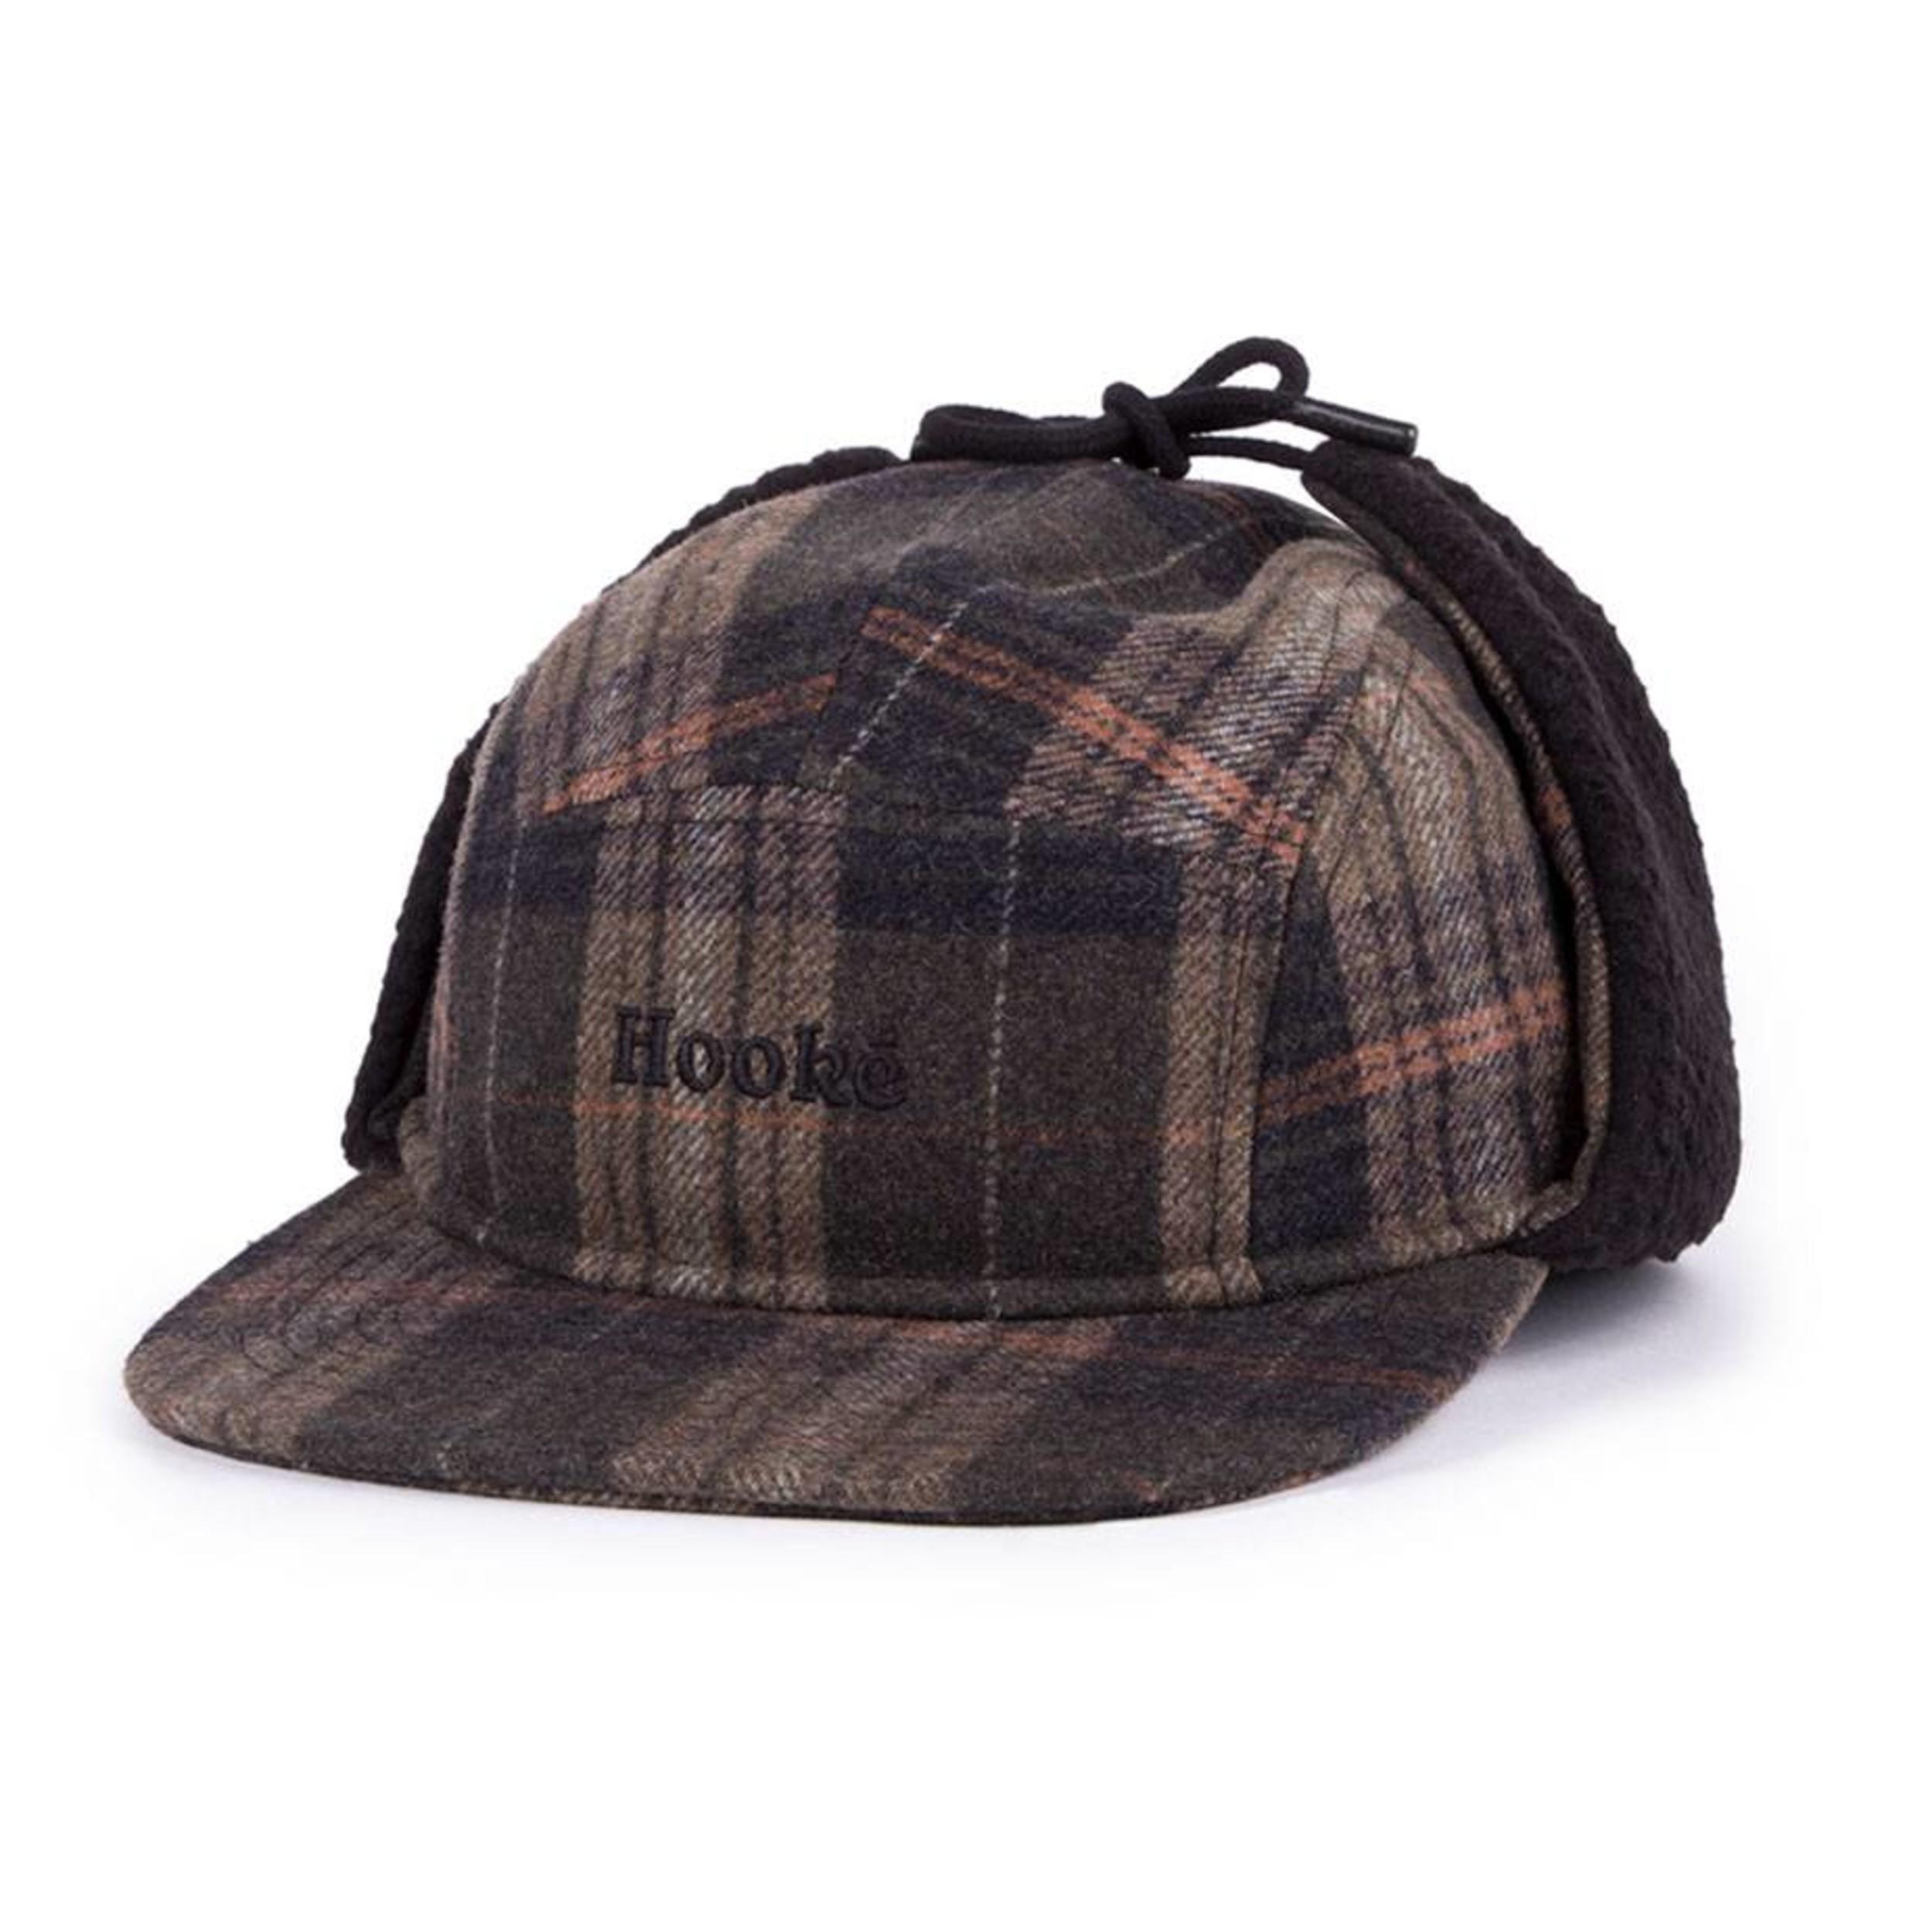 3c0fa1a1a23 Ear Flap Camper Hat - Olive Plaid